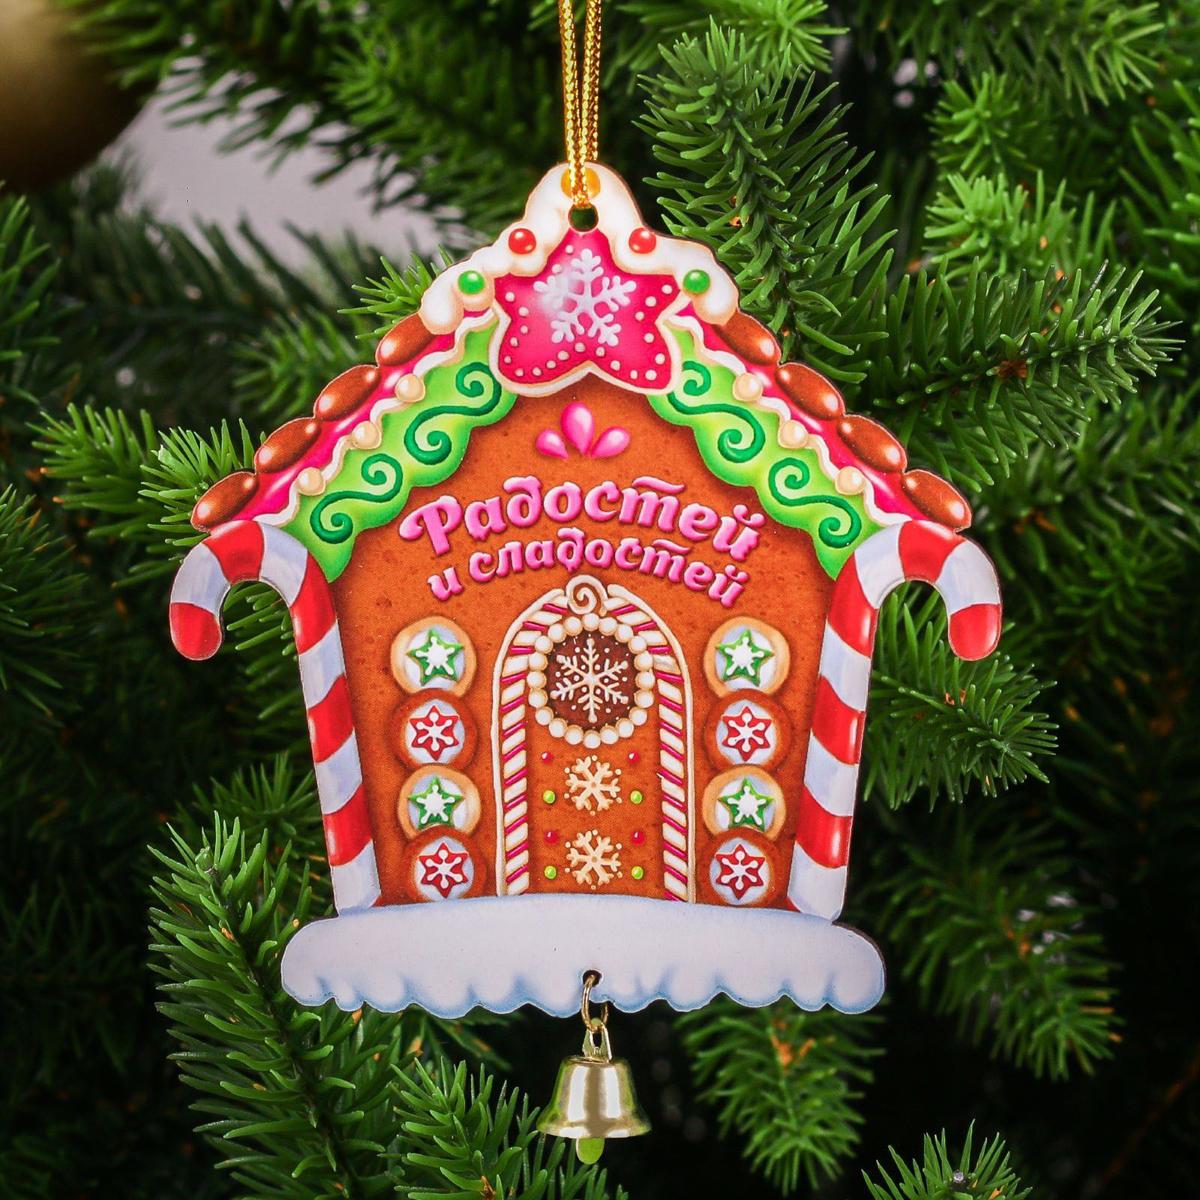 Украшение новогоднее подвесное Радостей и сладостей, 8,6 х 9 см2252495Новогоднее подвесное украшение, выполненное из дерева, отлично подойдет для декорации вашего дома и новогодней ели. С помощью специальной петельки украшение можно повесить в любом понравившемся вам месте. Но, конечно, удачнее всего оно будет смотреться на праздничной елке. Украшение дополнено металлическим колокольчиком.Елочная игрушка - символ Нового года. Она несет в себе волшебство и красоту праздника. Такое украшение создаст в вашем доме атмосферу праздника, веселья и радости.